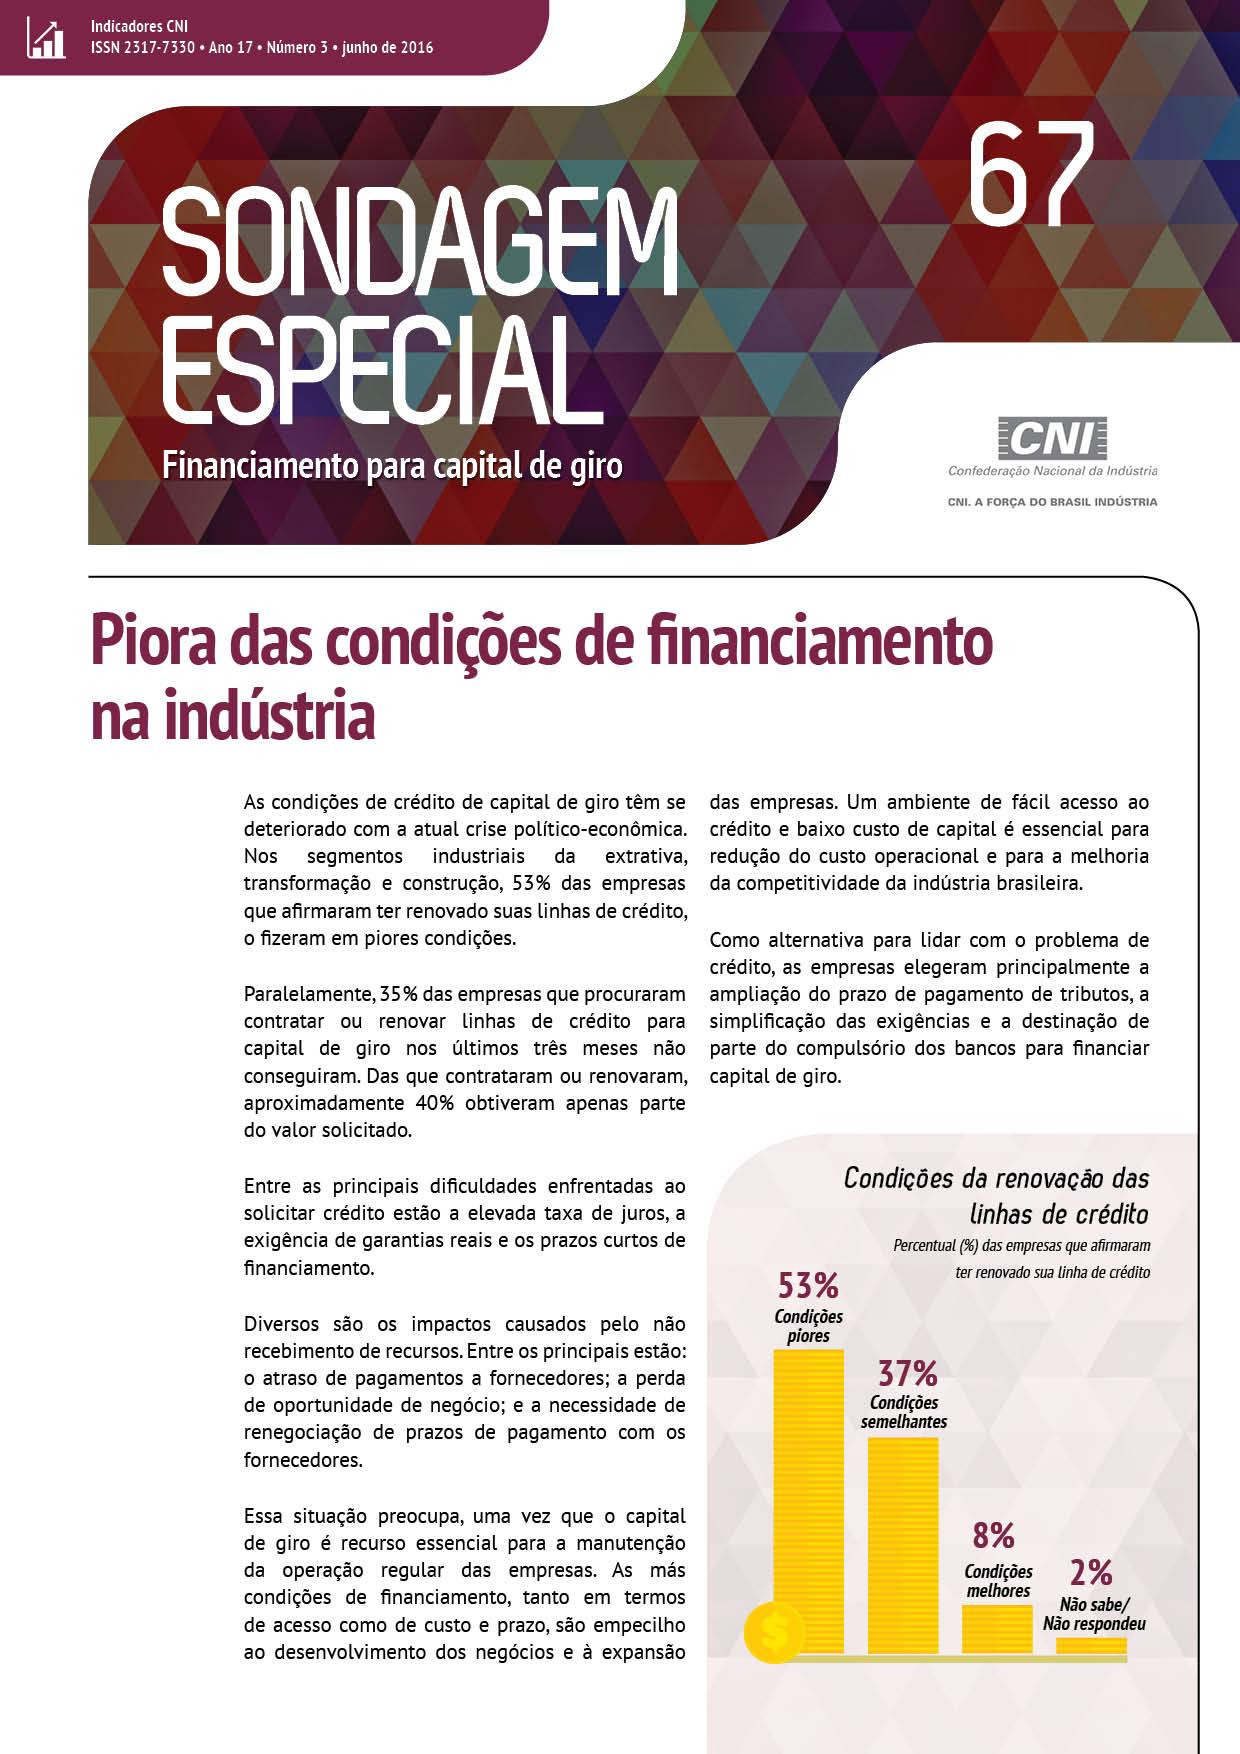 SondEsp 67 - Financiamento para Capital de Giro